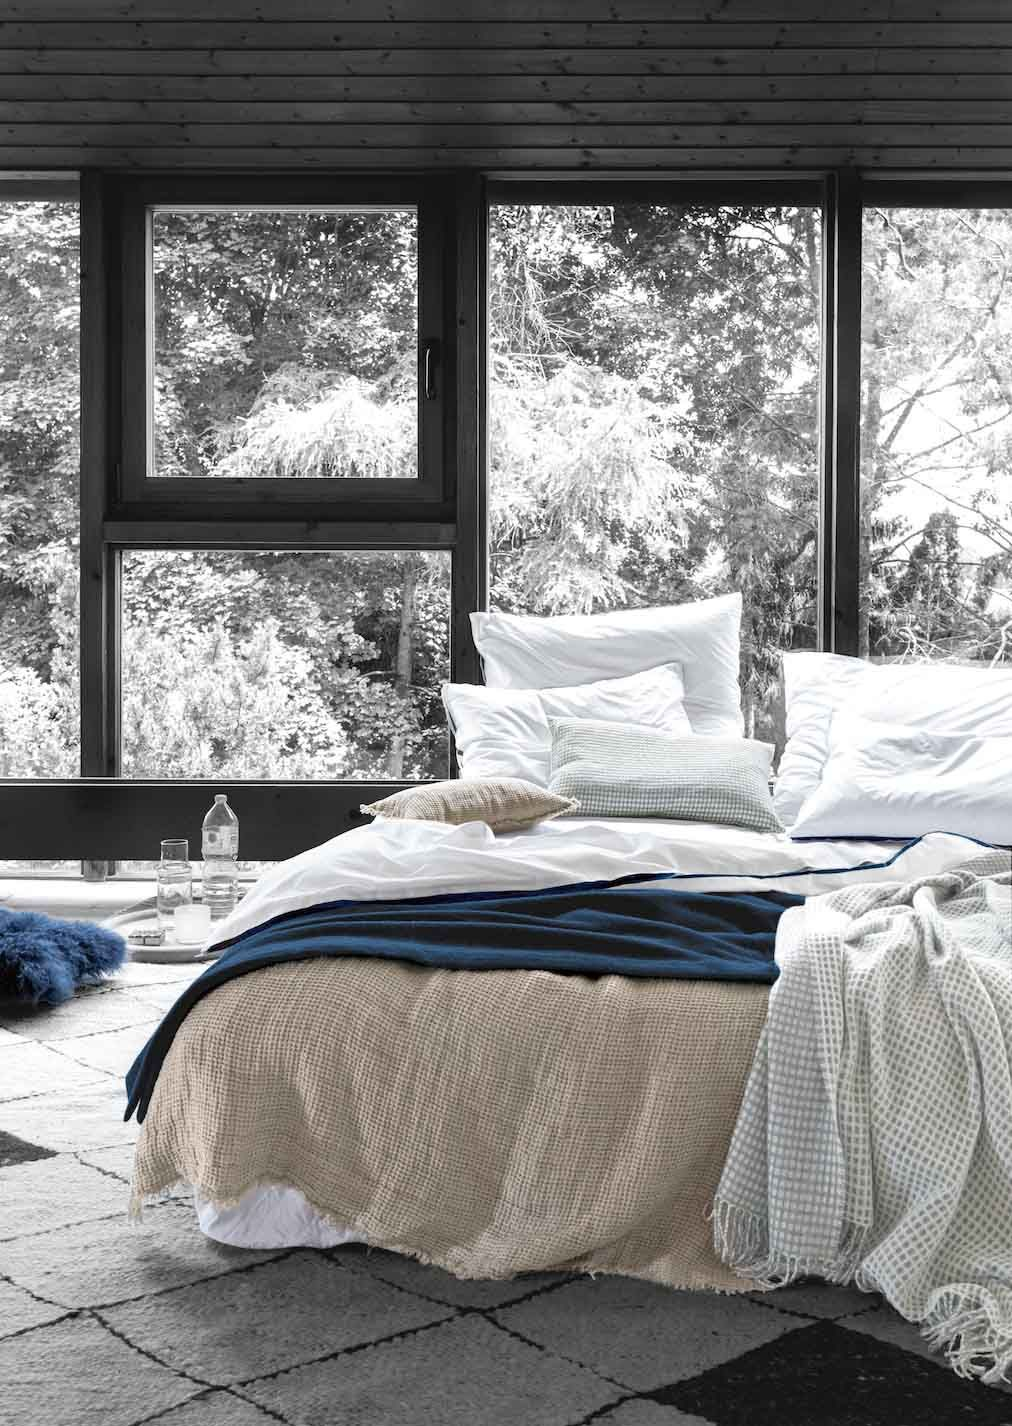 Hygge Wohntrend Schlafzimmer & Wohnung gemütlich